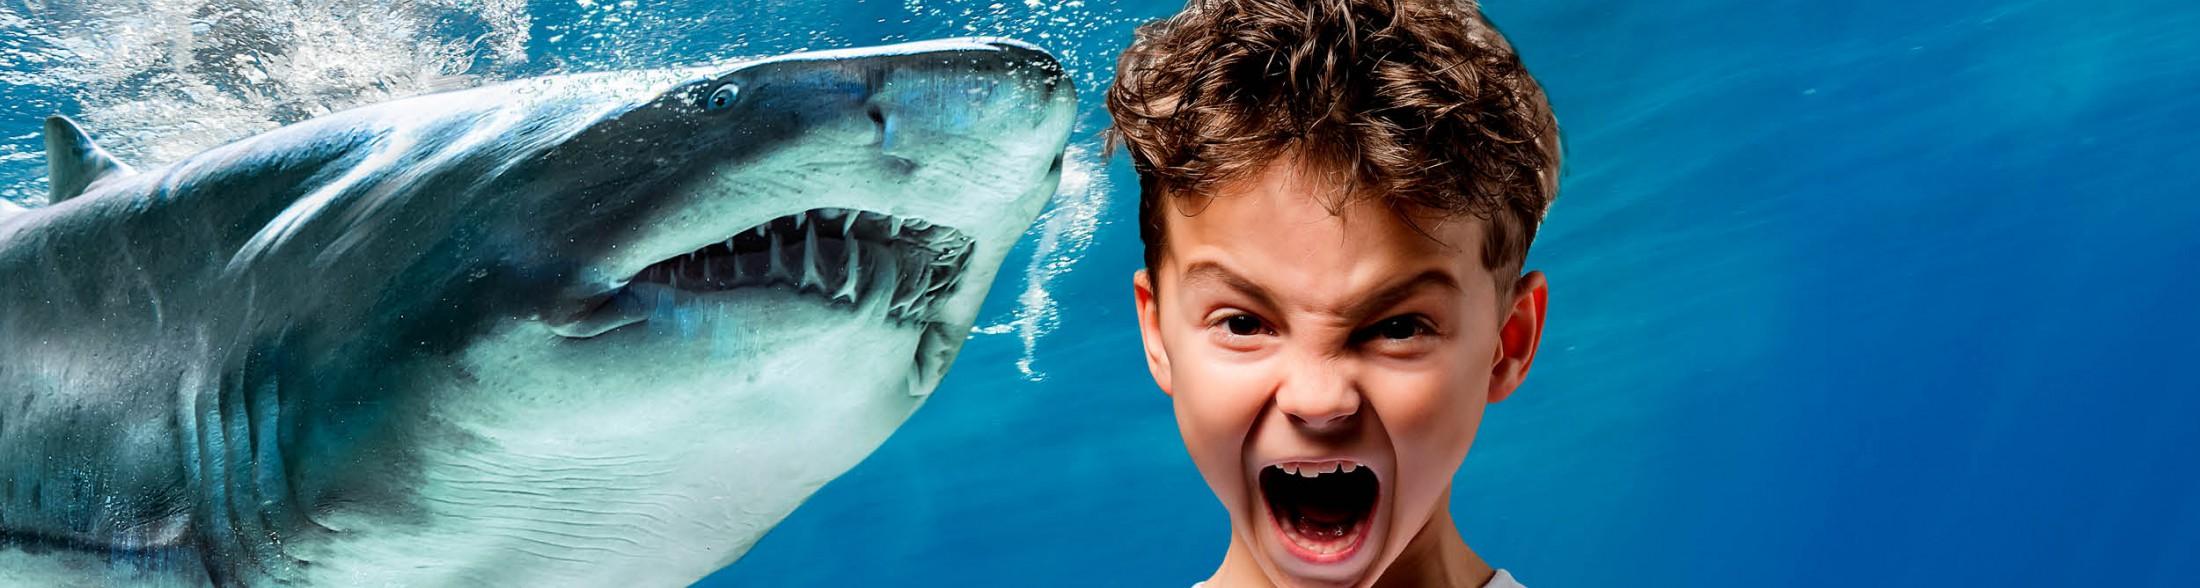 Notte con gli squali